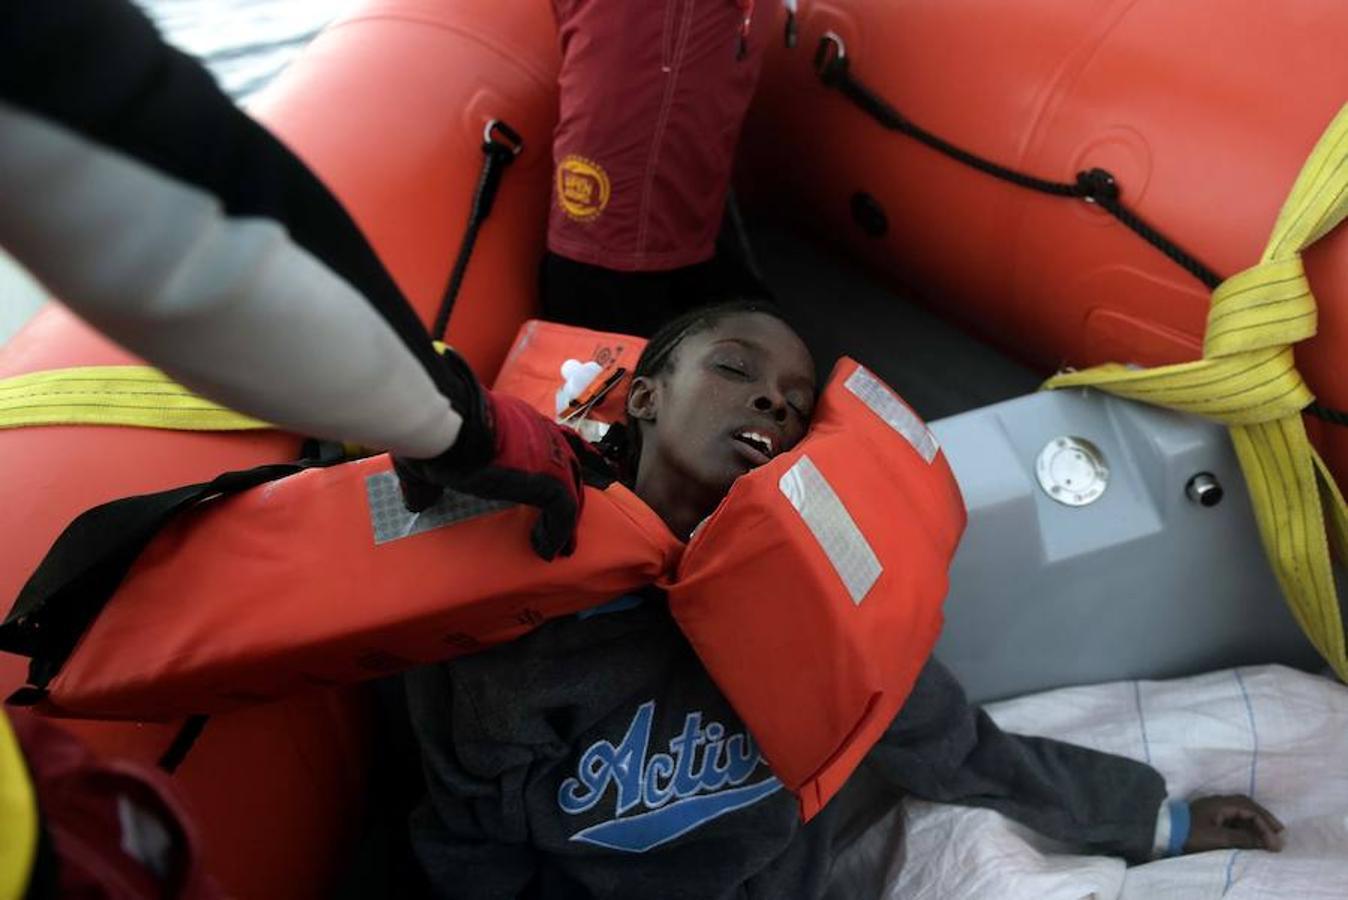 La mujer de la imagen perdió el conocimiento poco después de ser rescatada por voluntarios